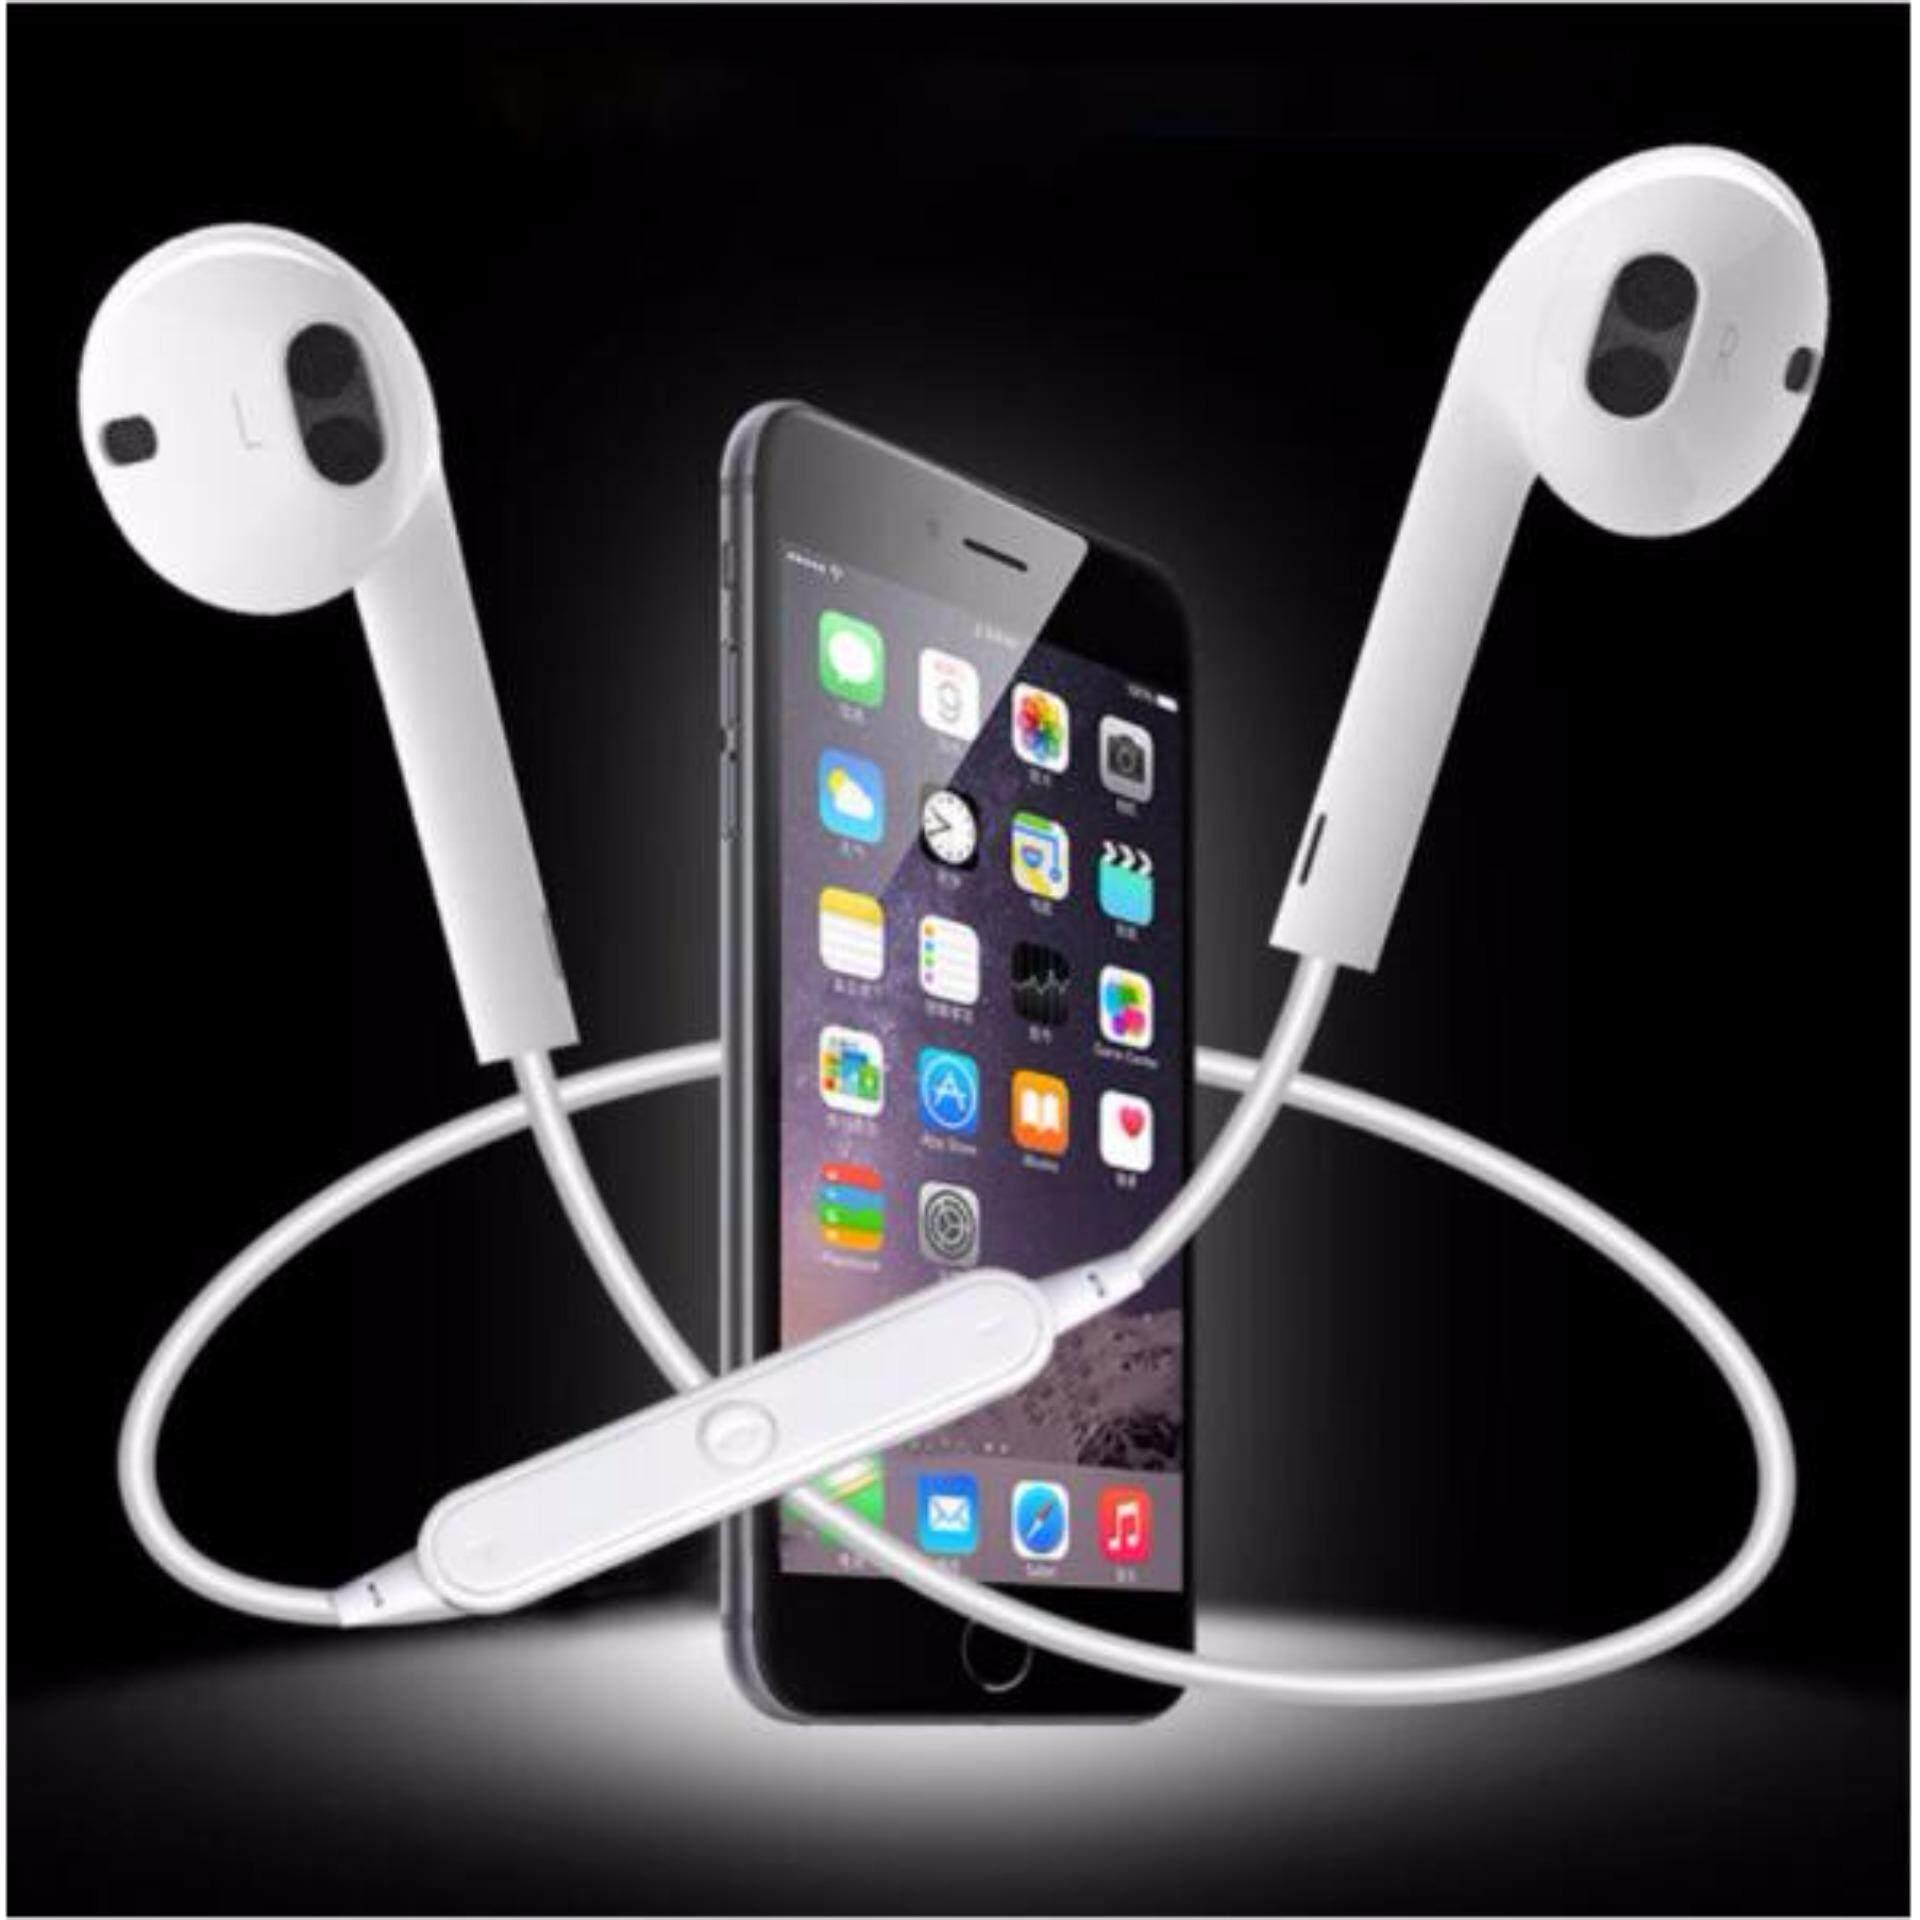 ดีจริง ถูกจริง หูฟัง Unbranded/Generic 4sshop-หูฟังครอบหูเเบบบลูทูธไร้สายรุ่น wireless bluetooth  P15 (conventional) แนะนำเลยดีที่สุดแล้ว